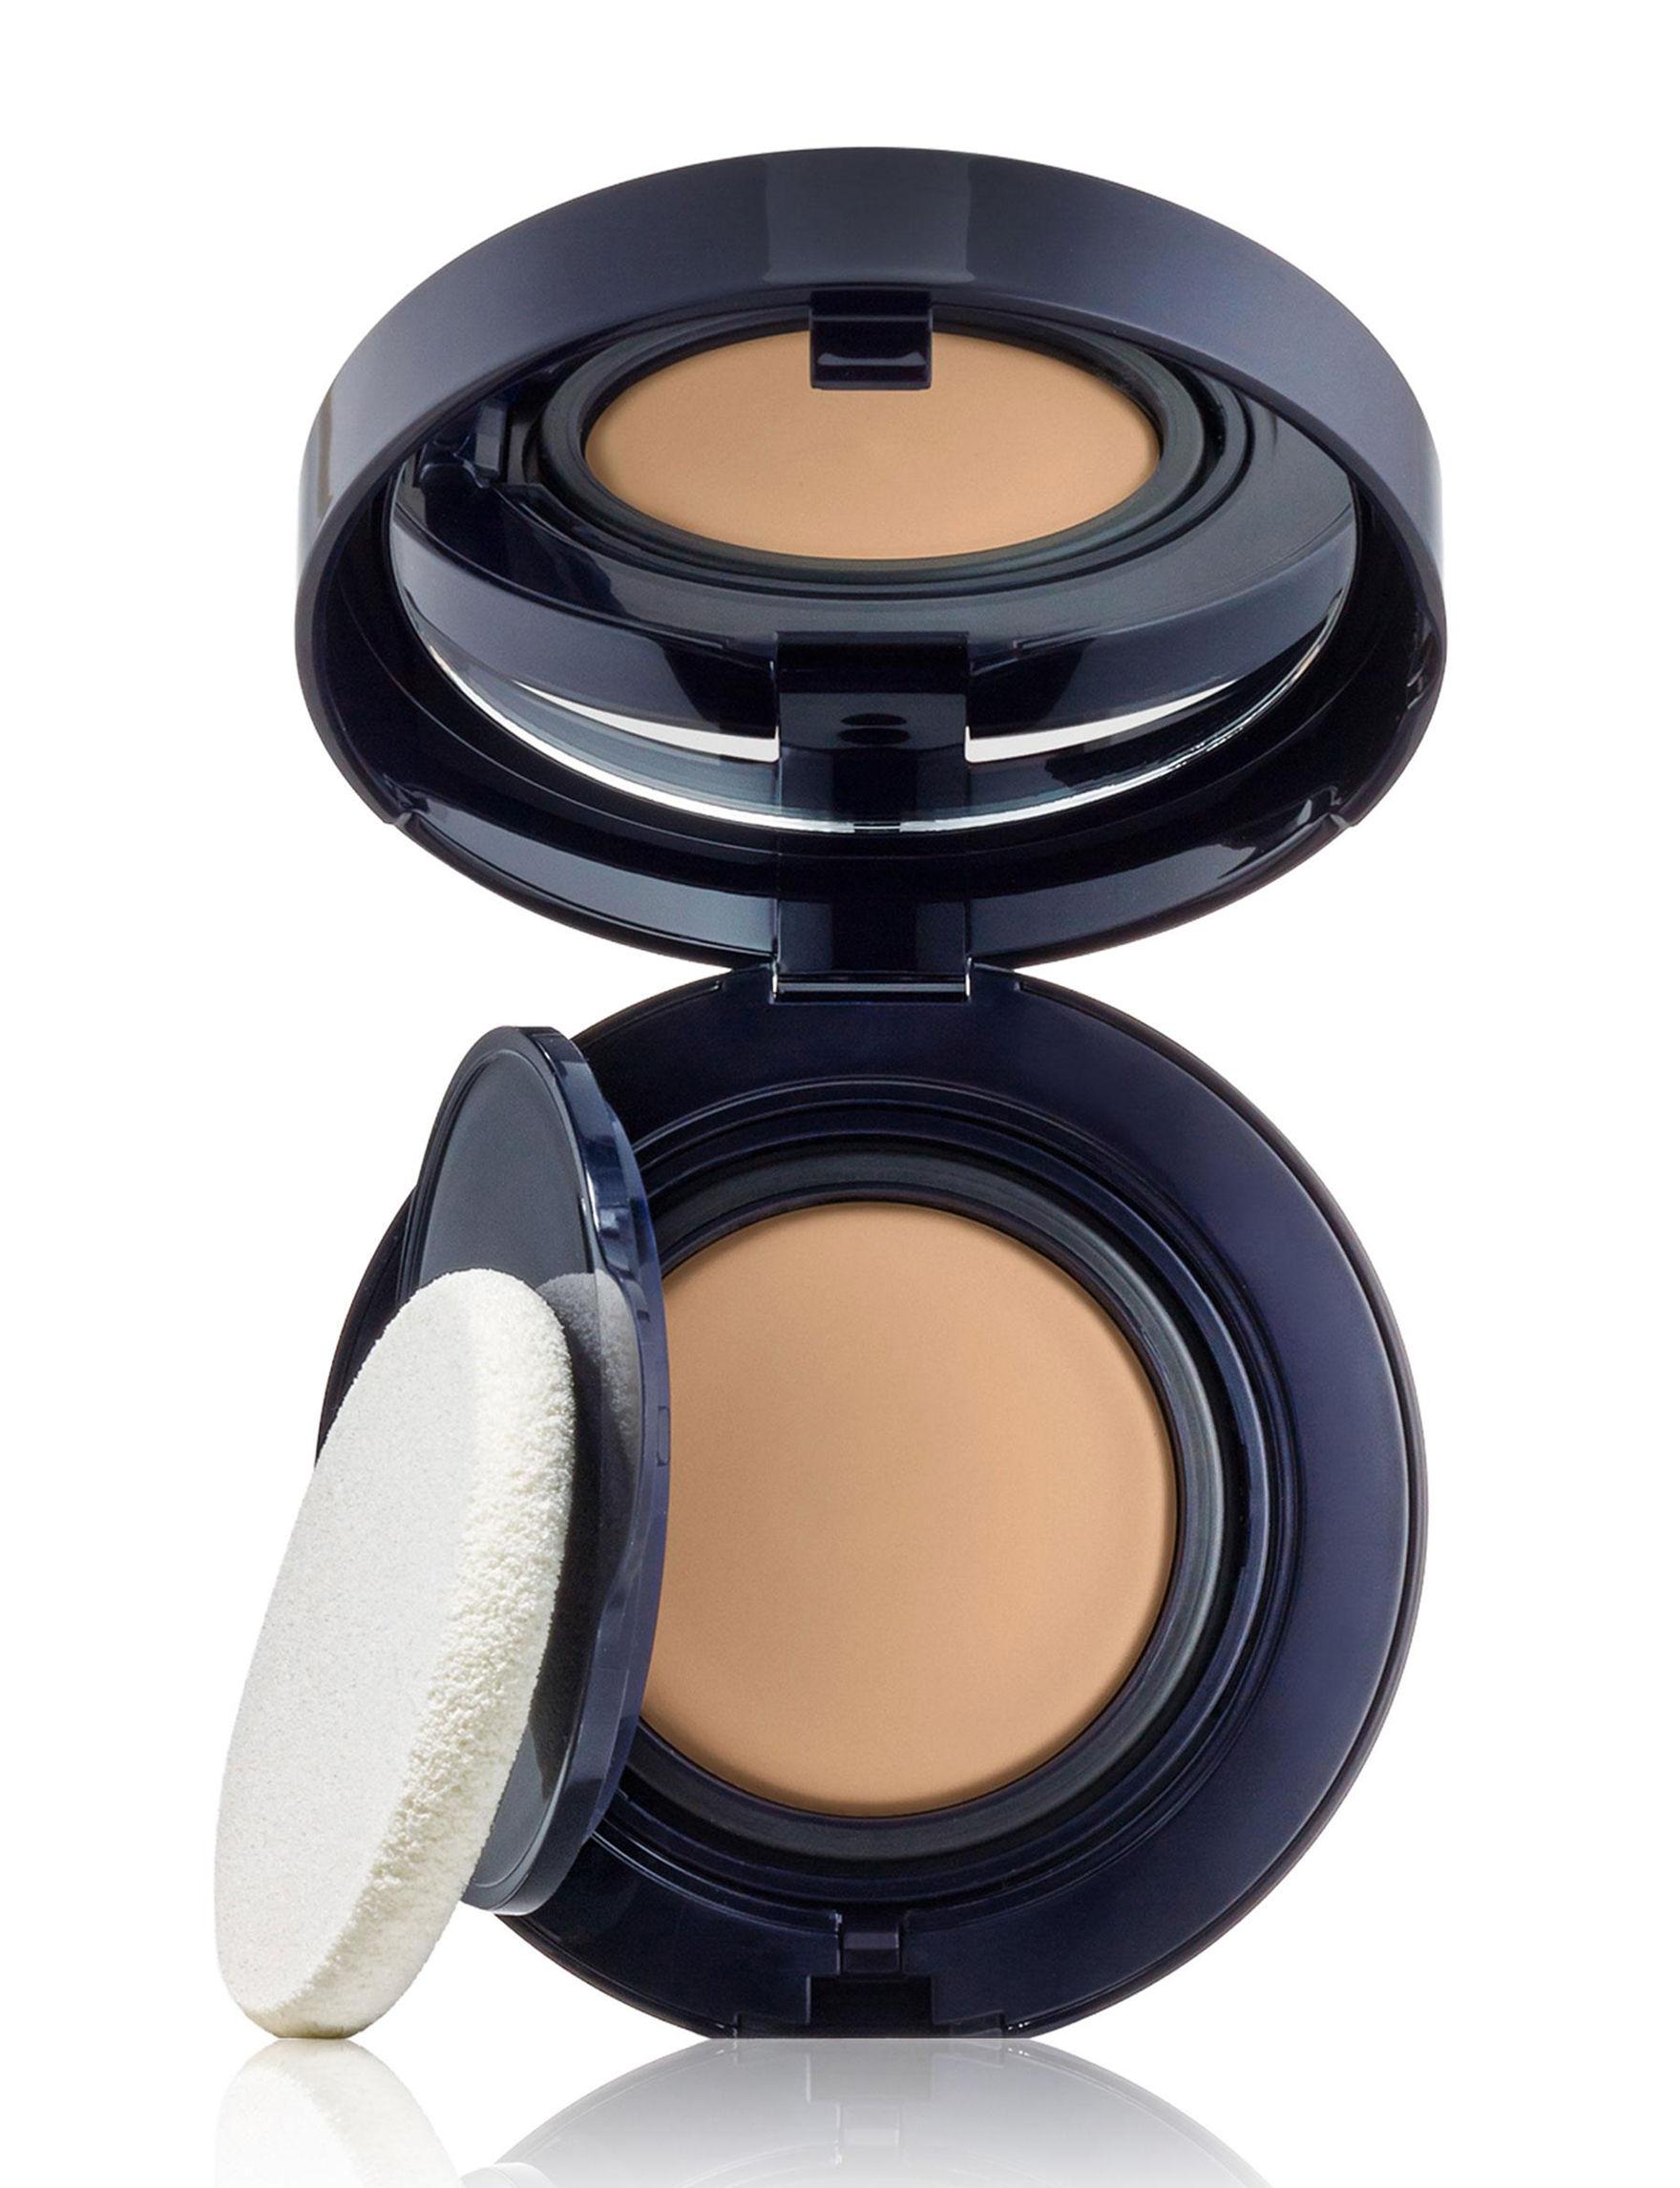 Estée Lauder Perfectionist Serum Compact Makeup | Stage Stores